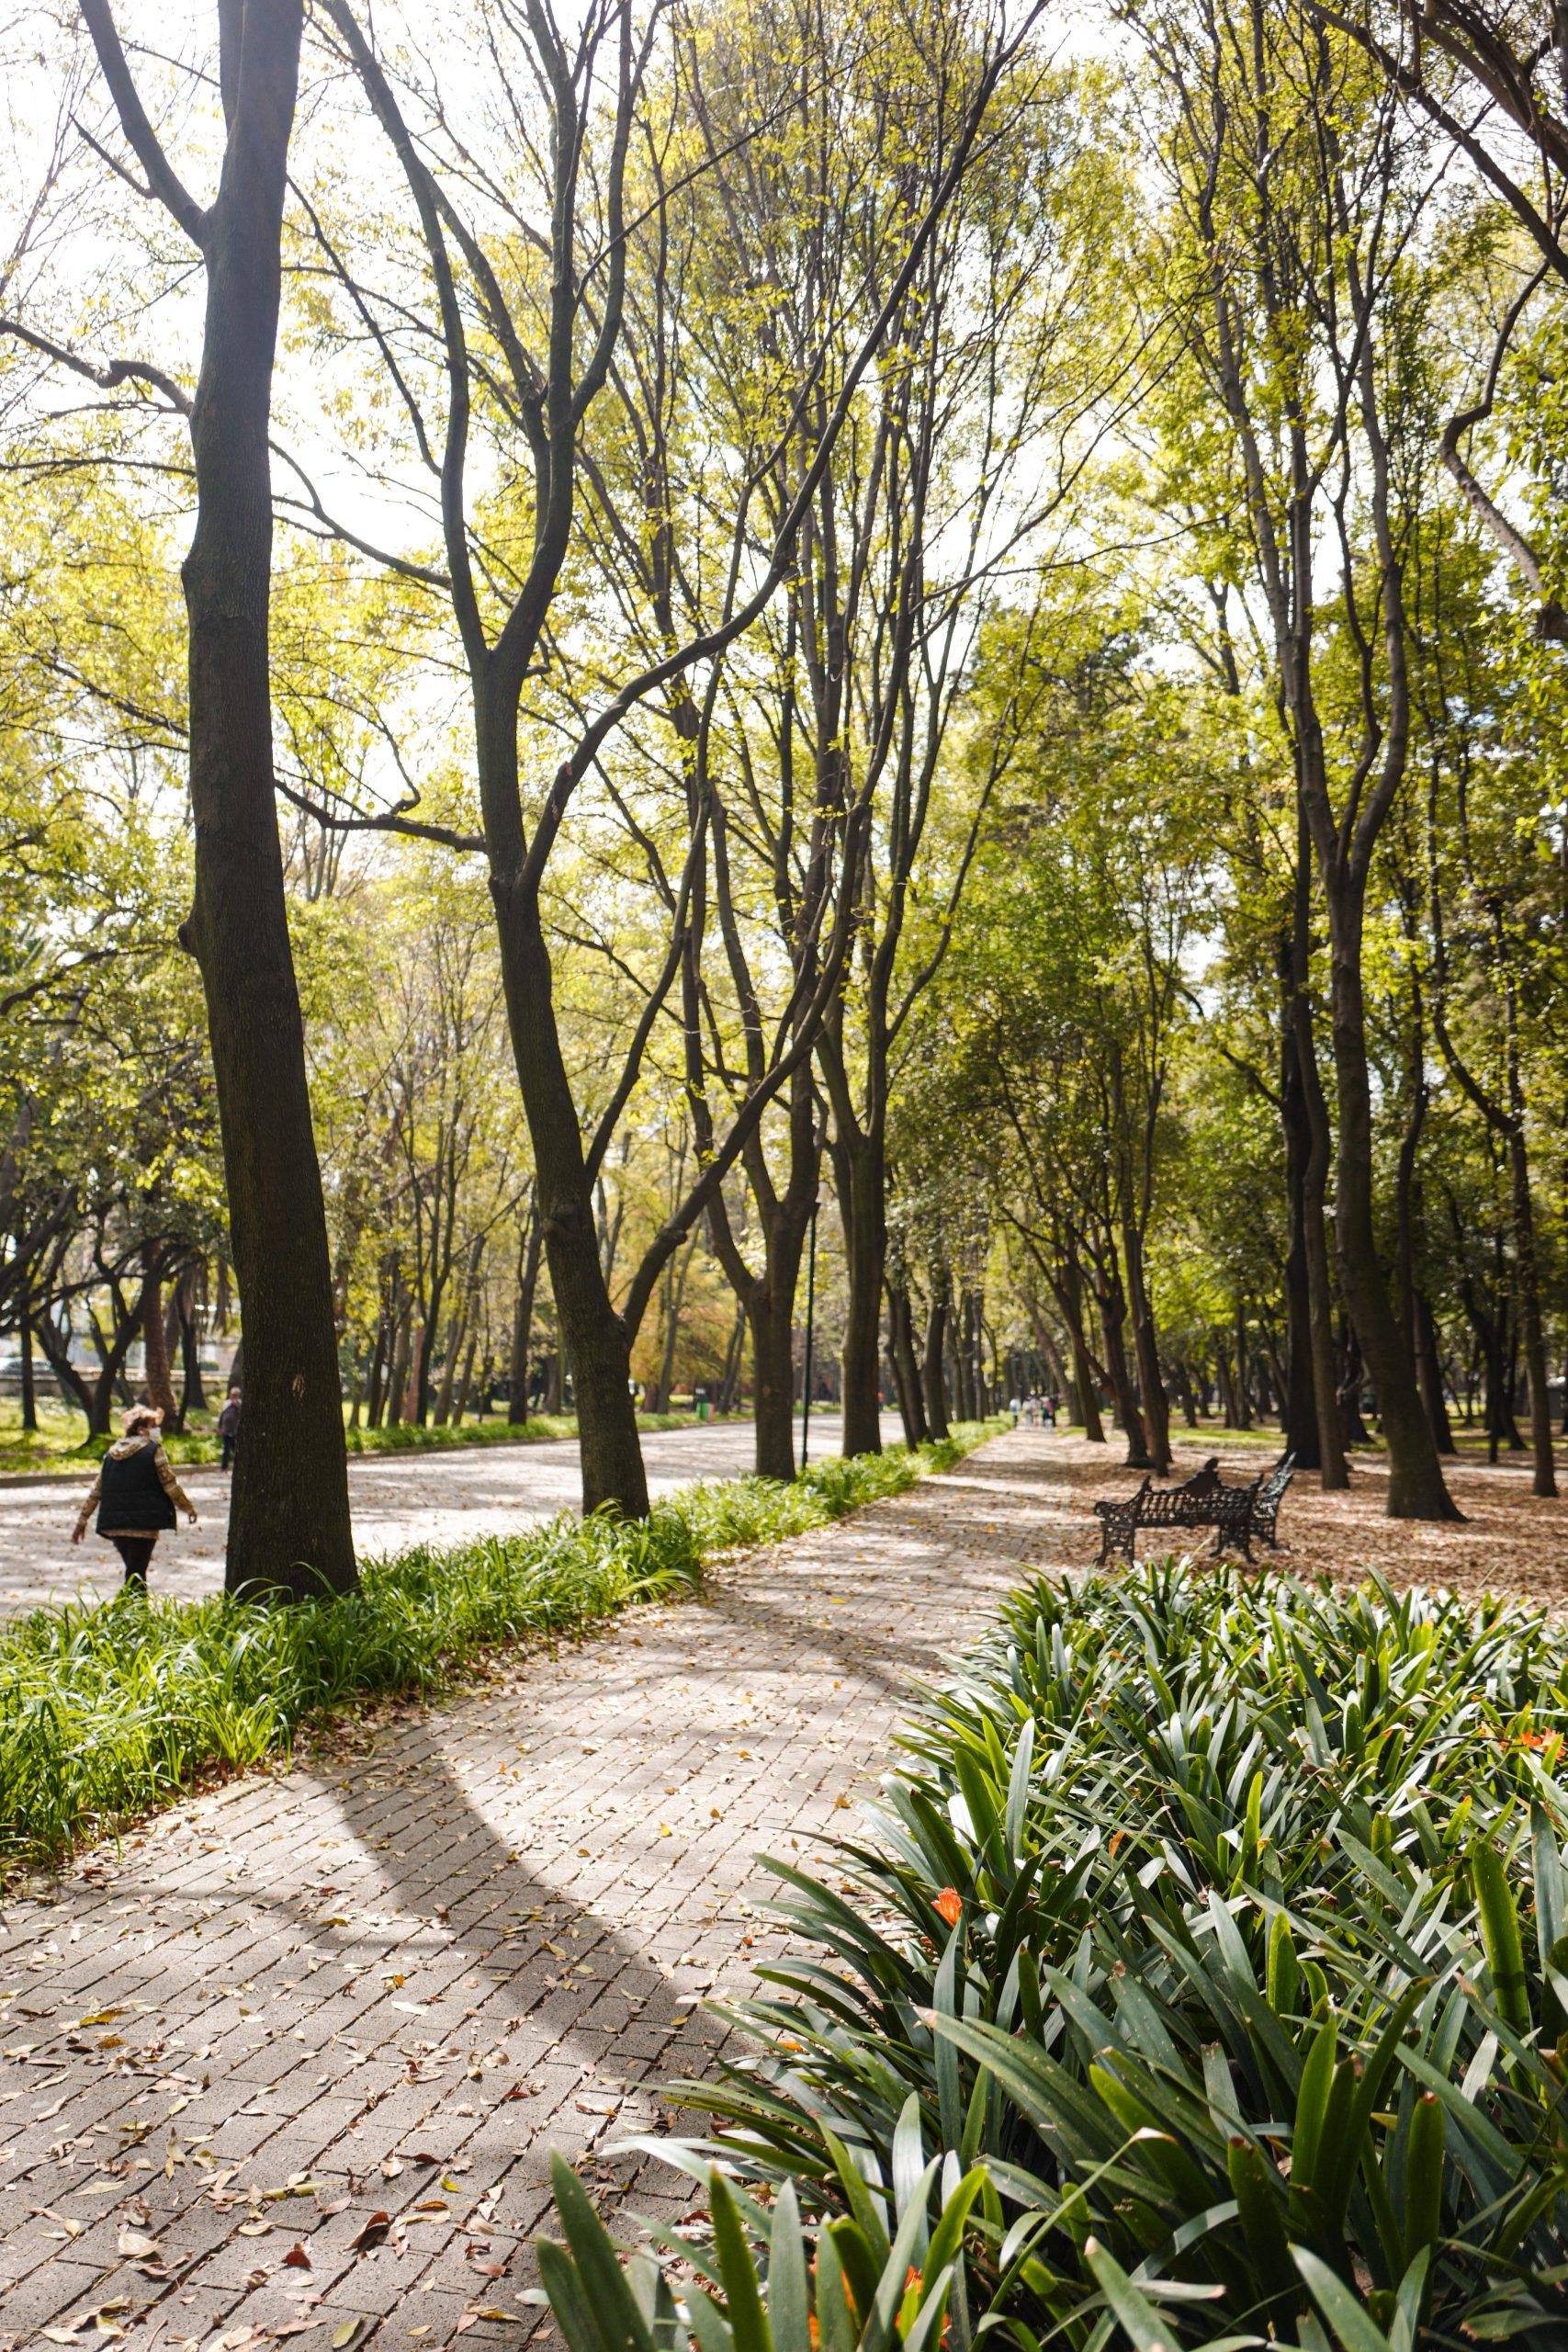 parc-de-chapultepec